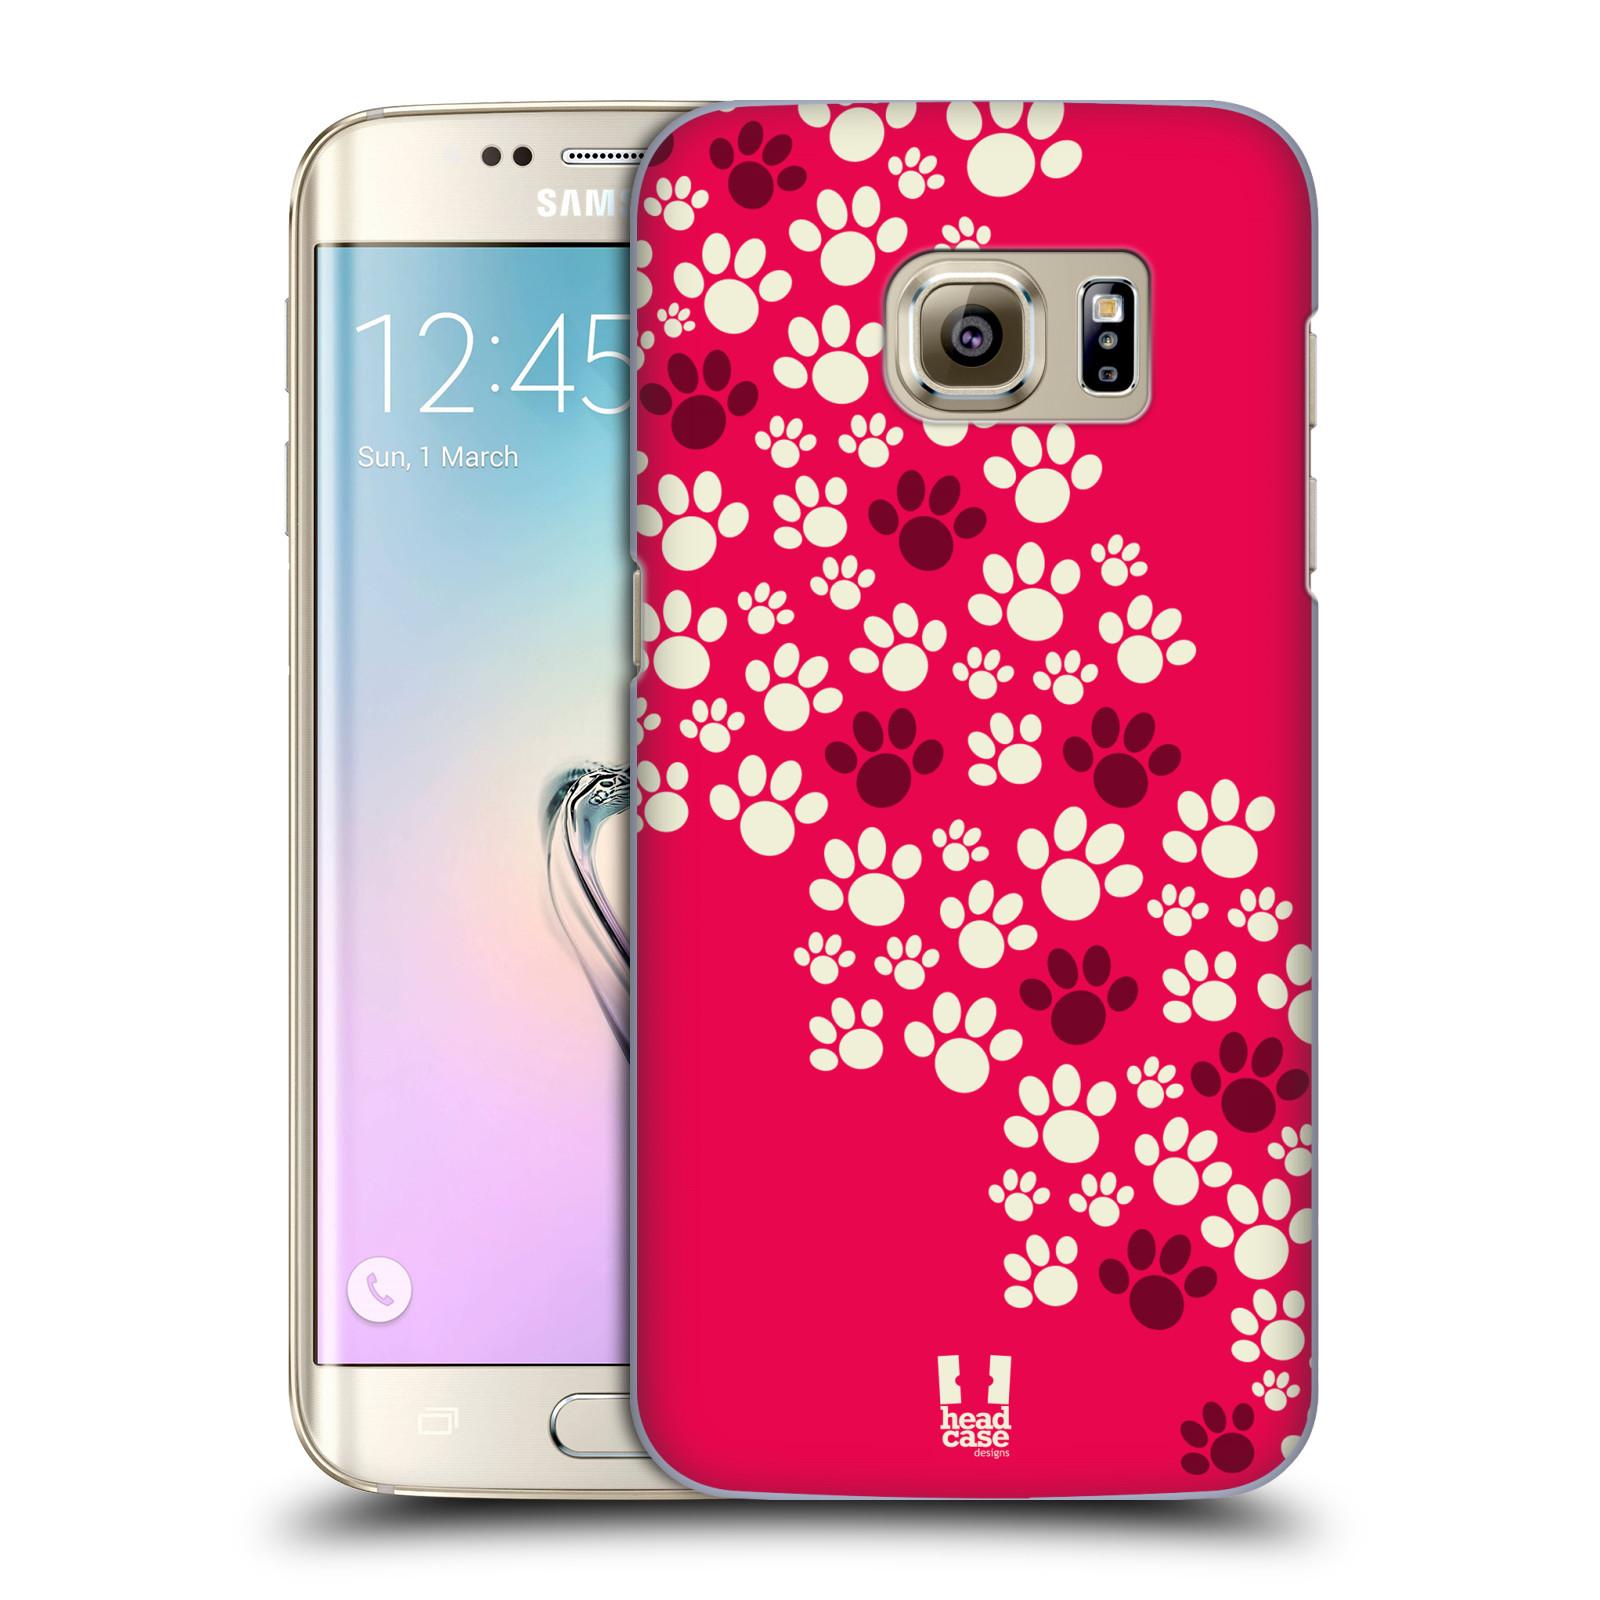 Plastové pouzdro na mobil Samsung Galaxy S7 Edge HEAD CASE TLAPKY RŮŽOVÉ (Kryt či obal na mobilní telefon Samsung Galaxy S7 Edge SM-G935F)